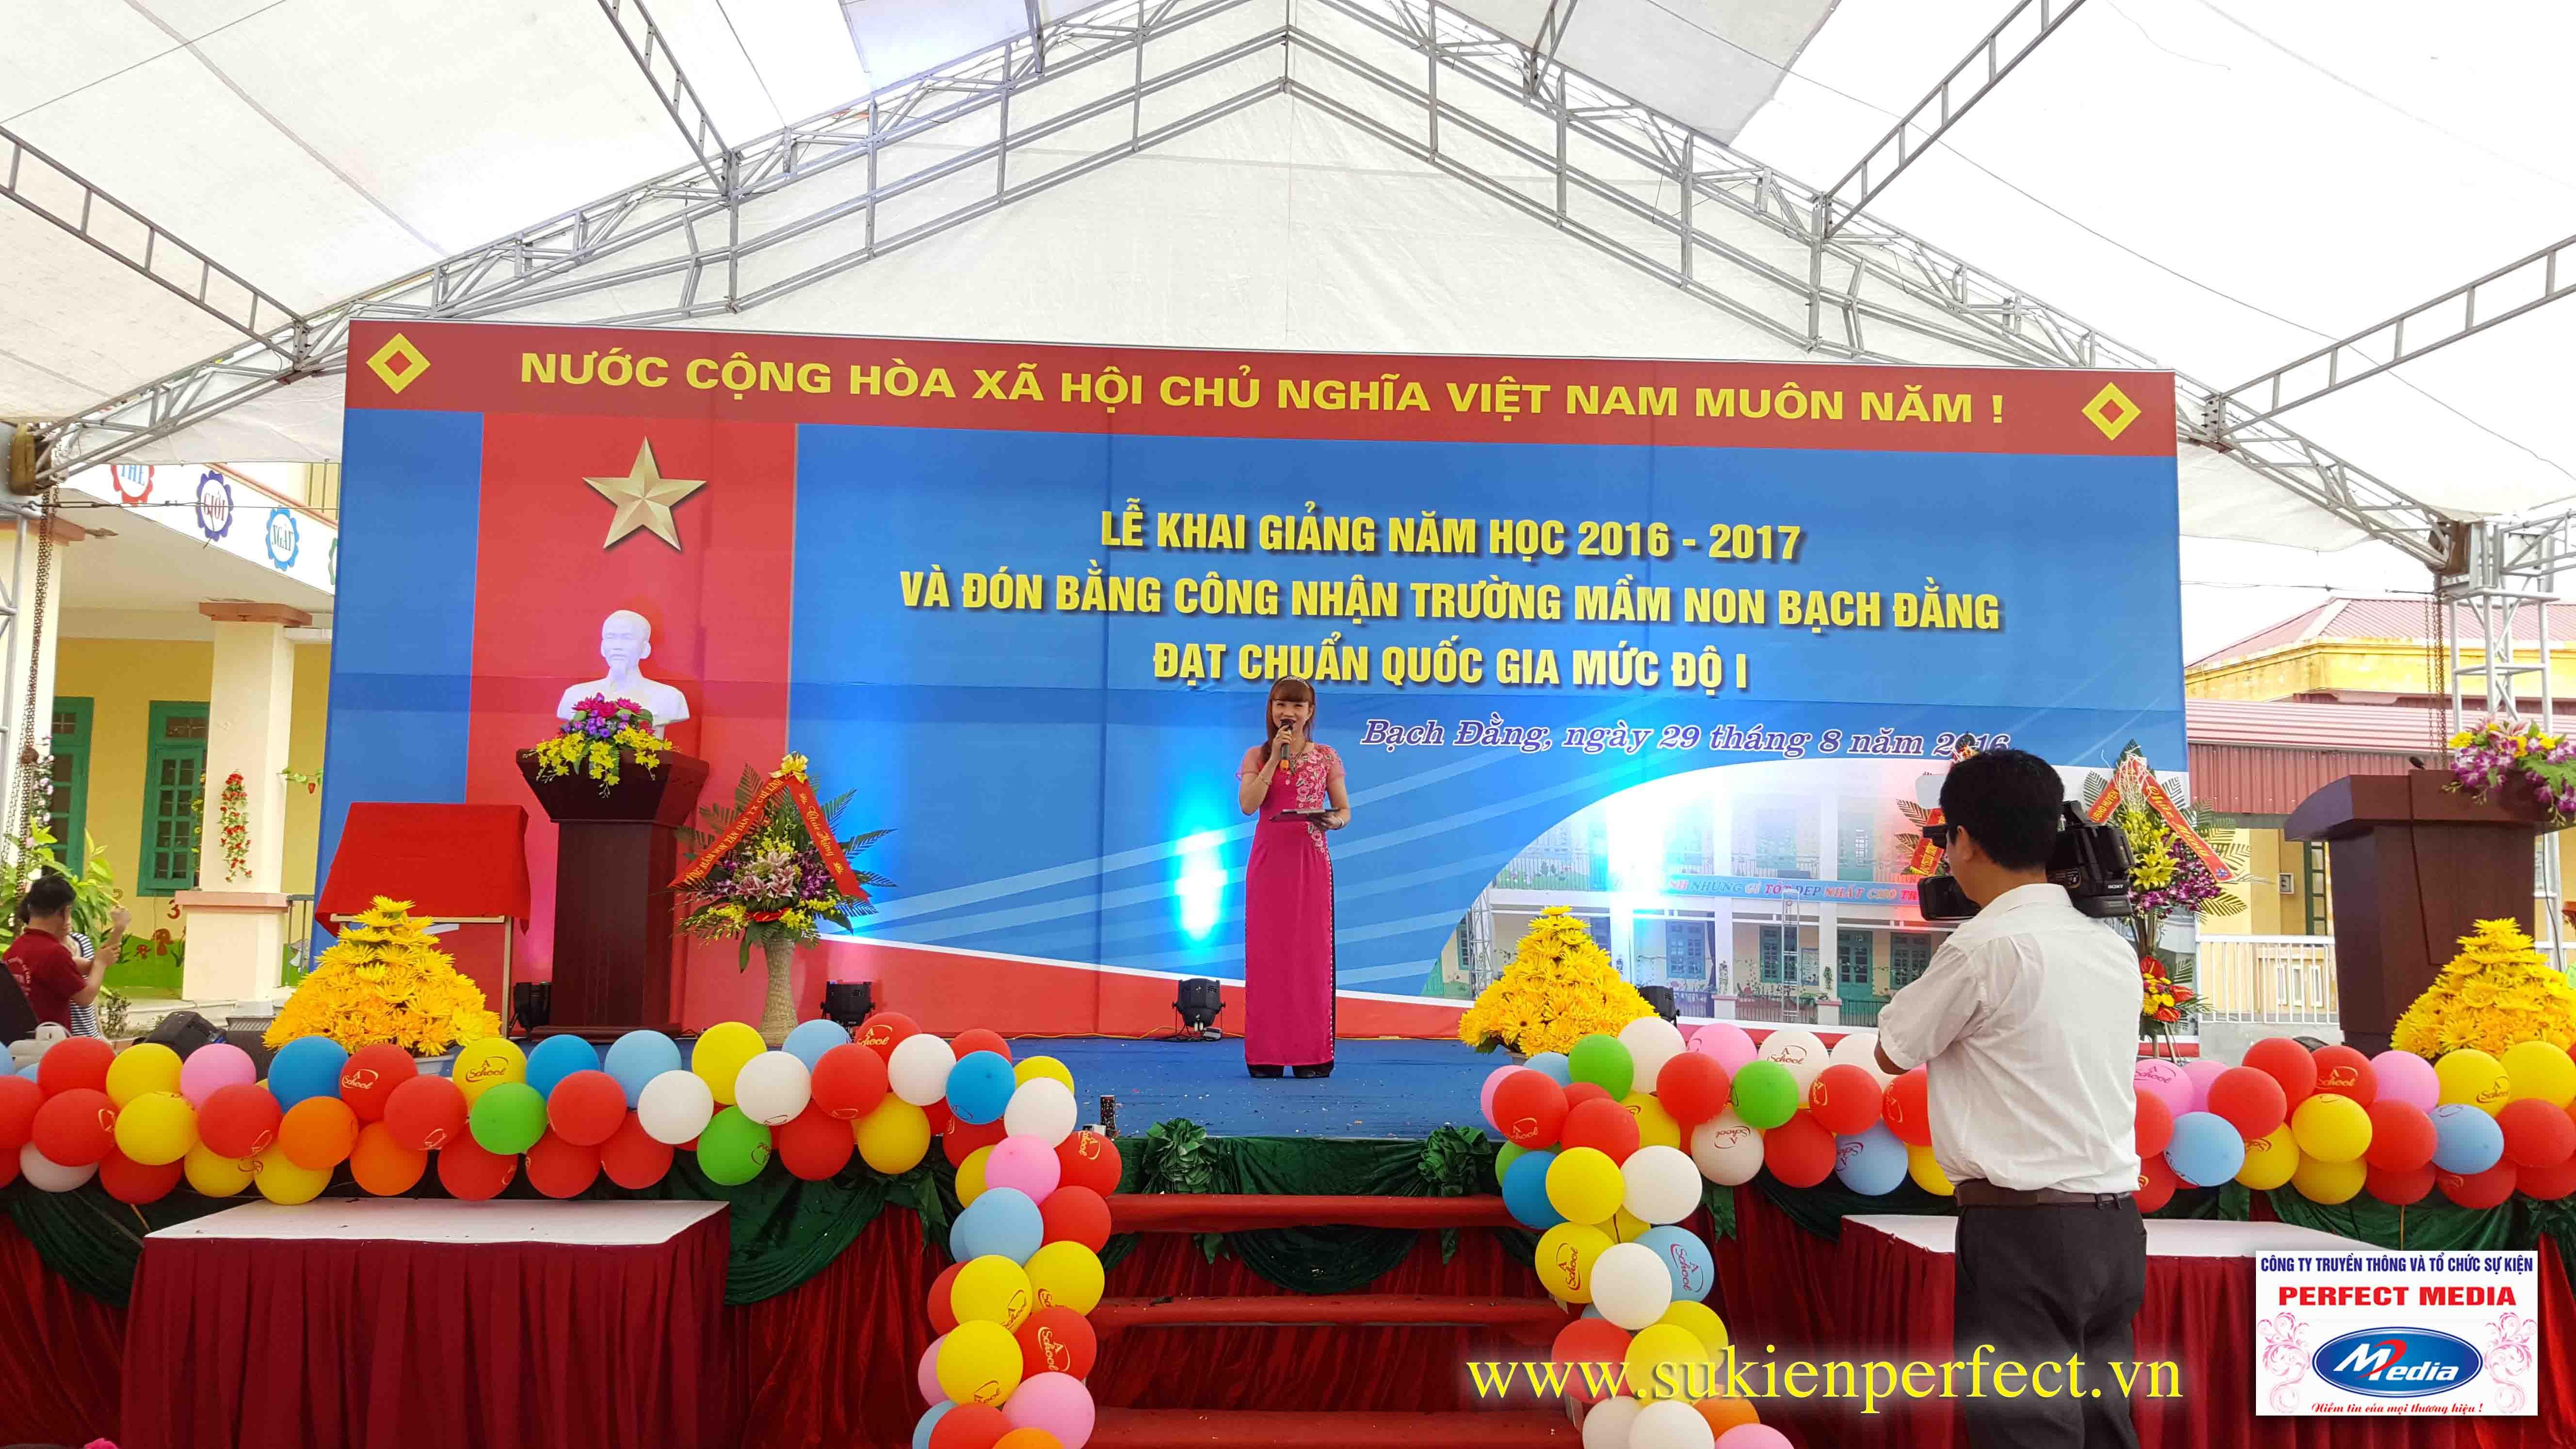 Lễ khai giảng năm học 2016 - 2017 của trường mầm non Bạch Đằng - Kinh Môn 06